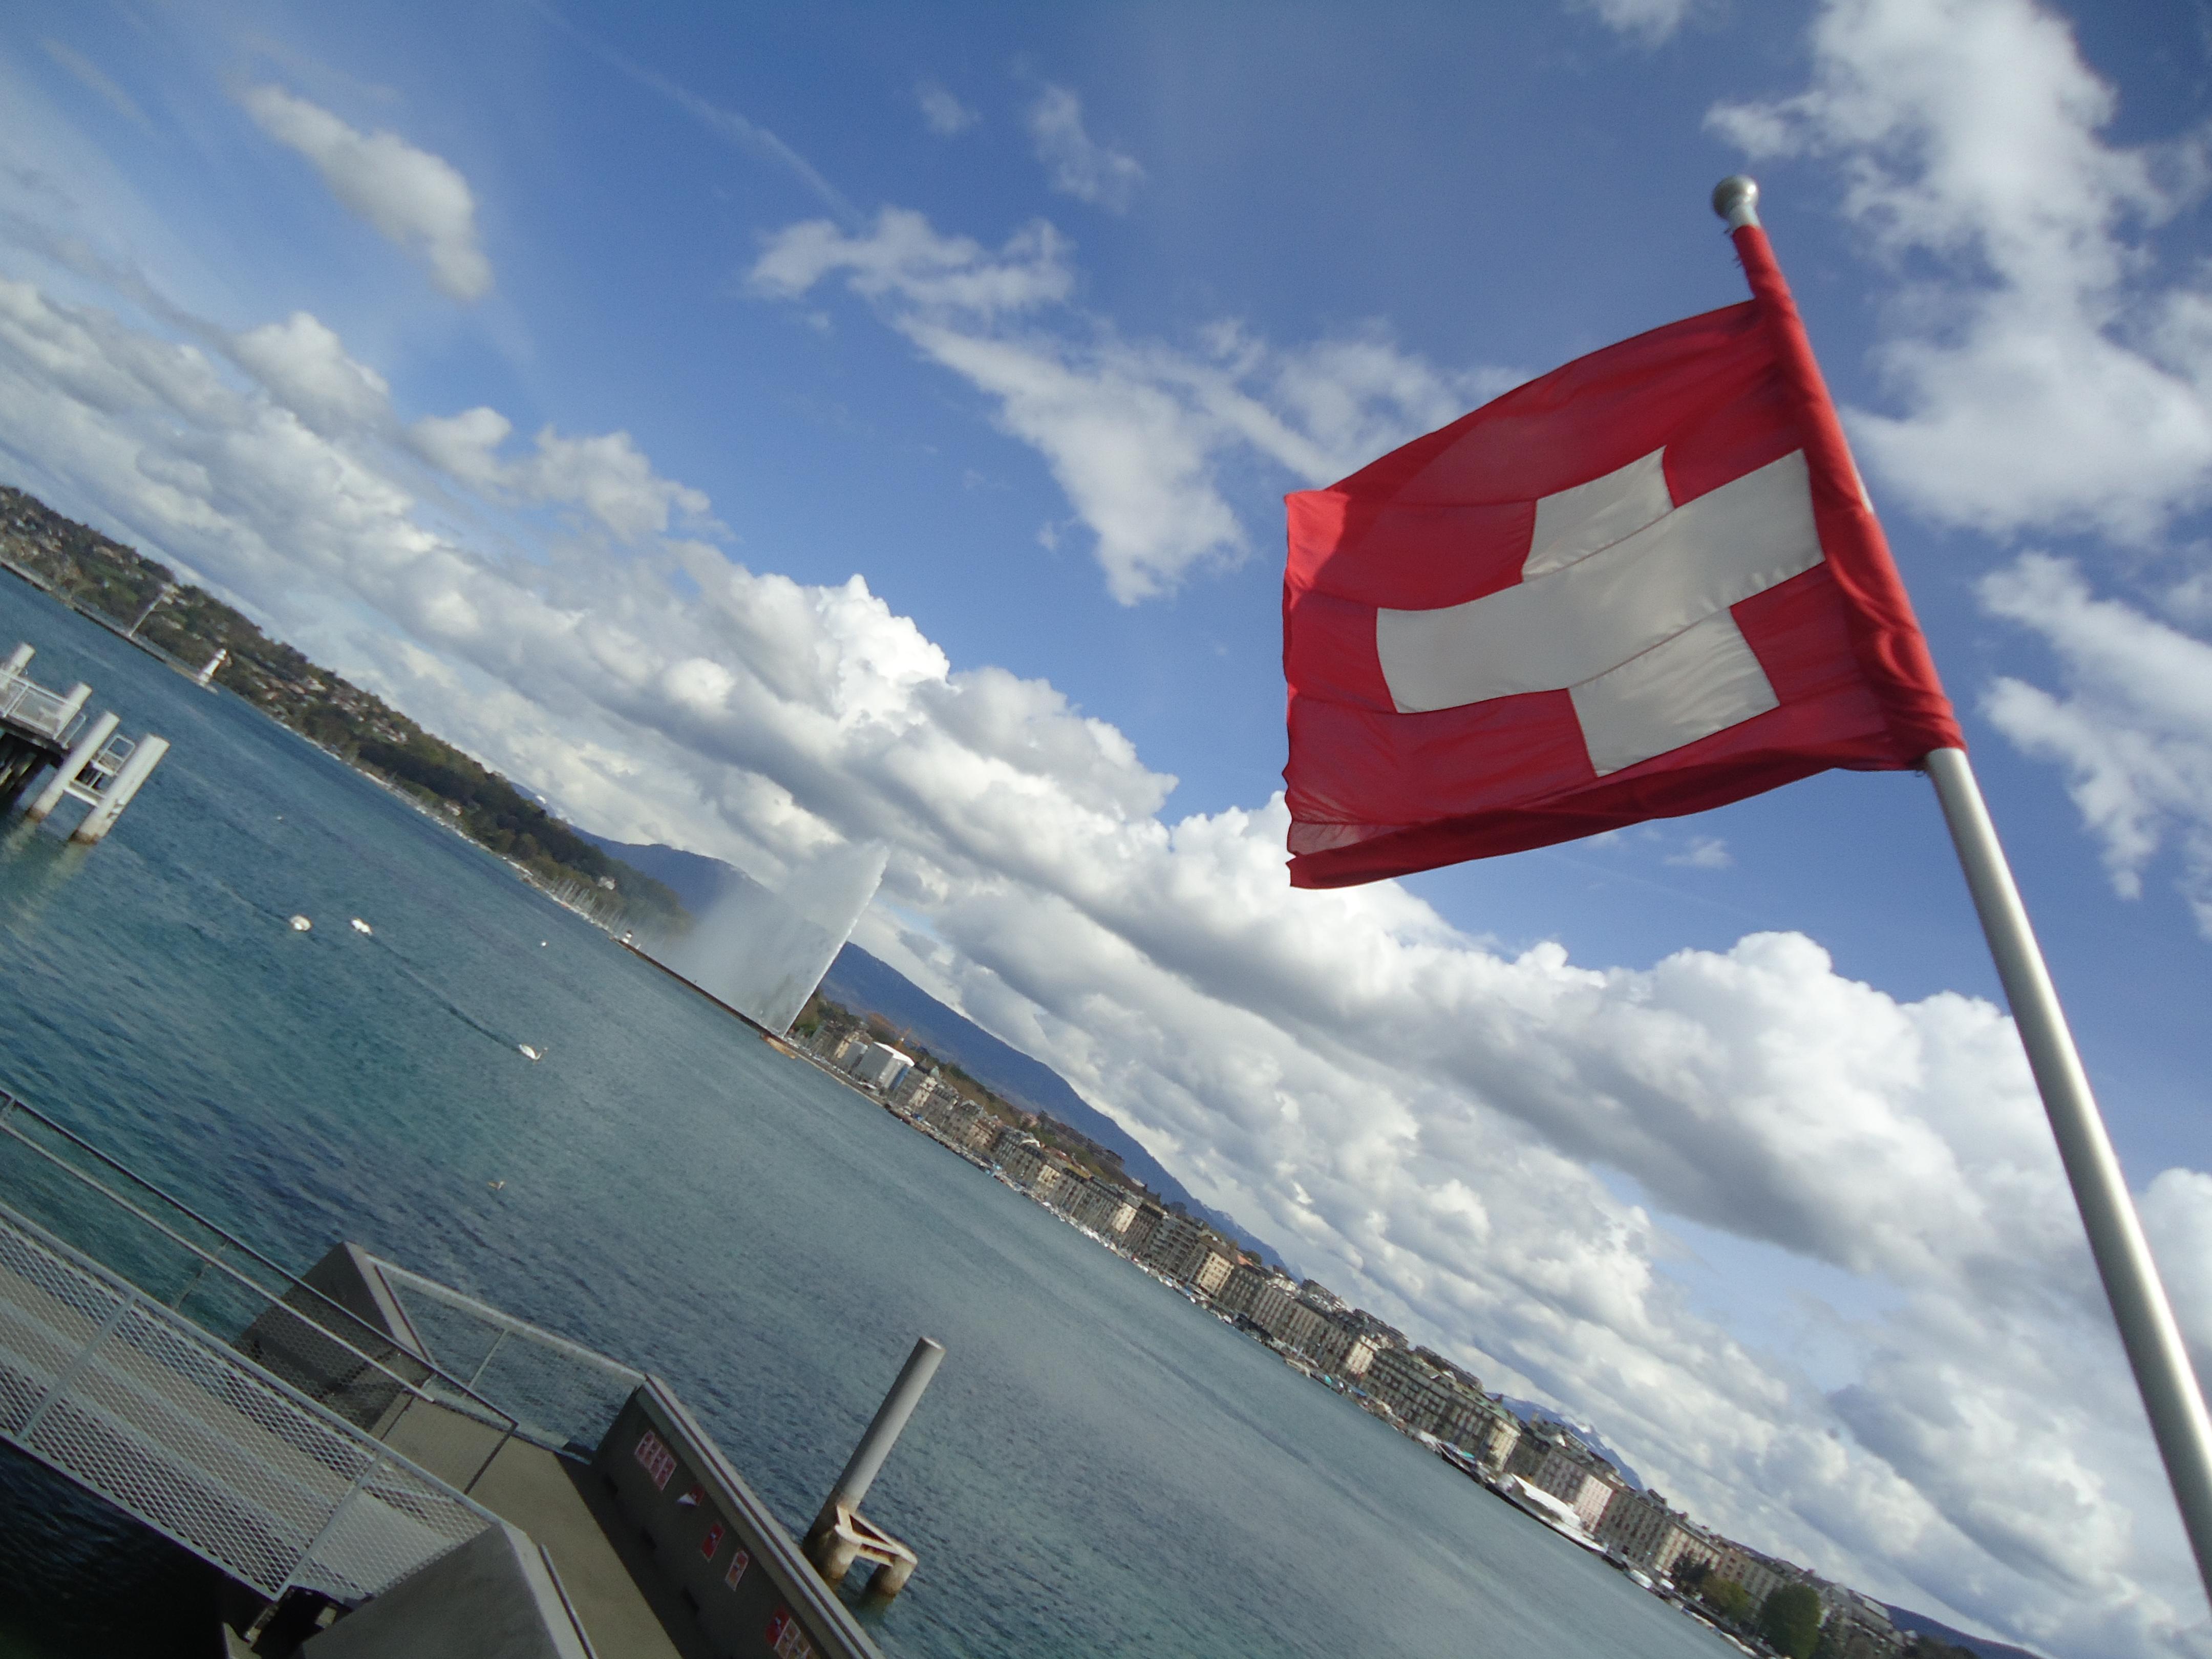 Bem vindos a Genebra